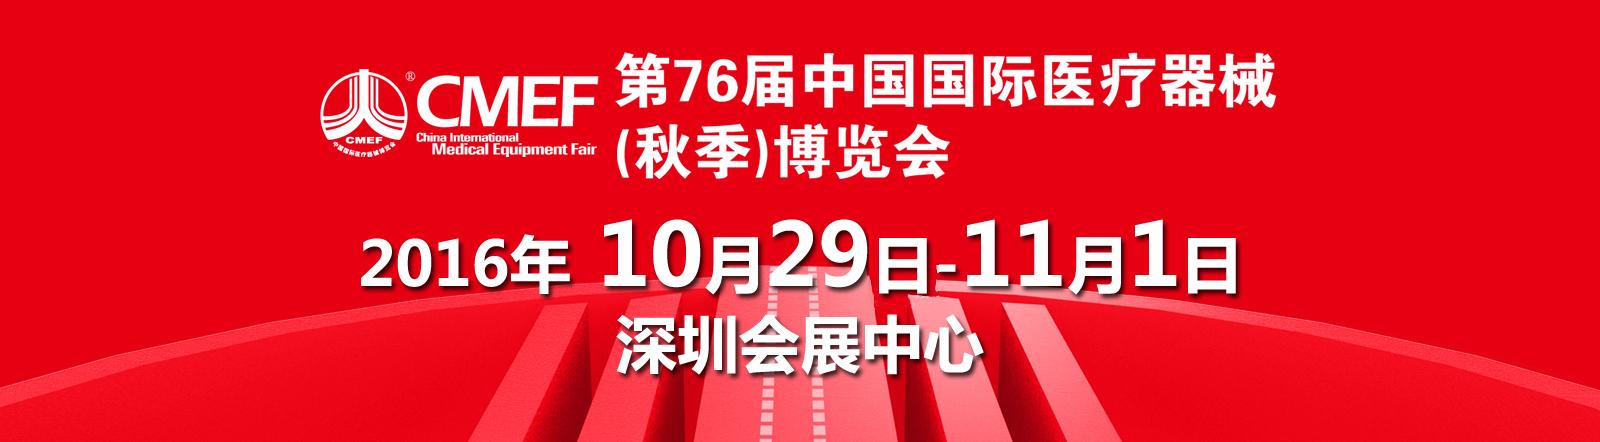 2016年第76届中国国际医疗器械(秋季)博览会